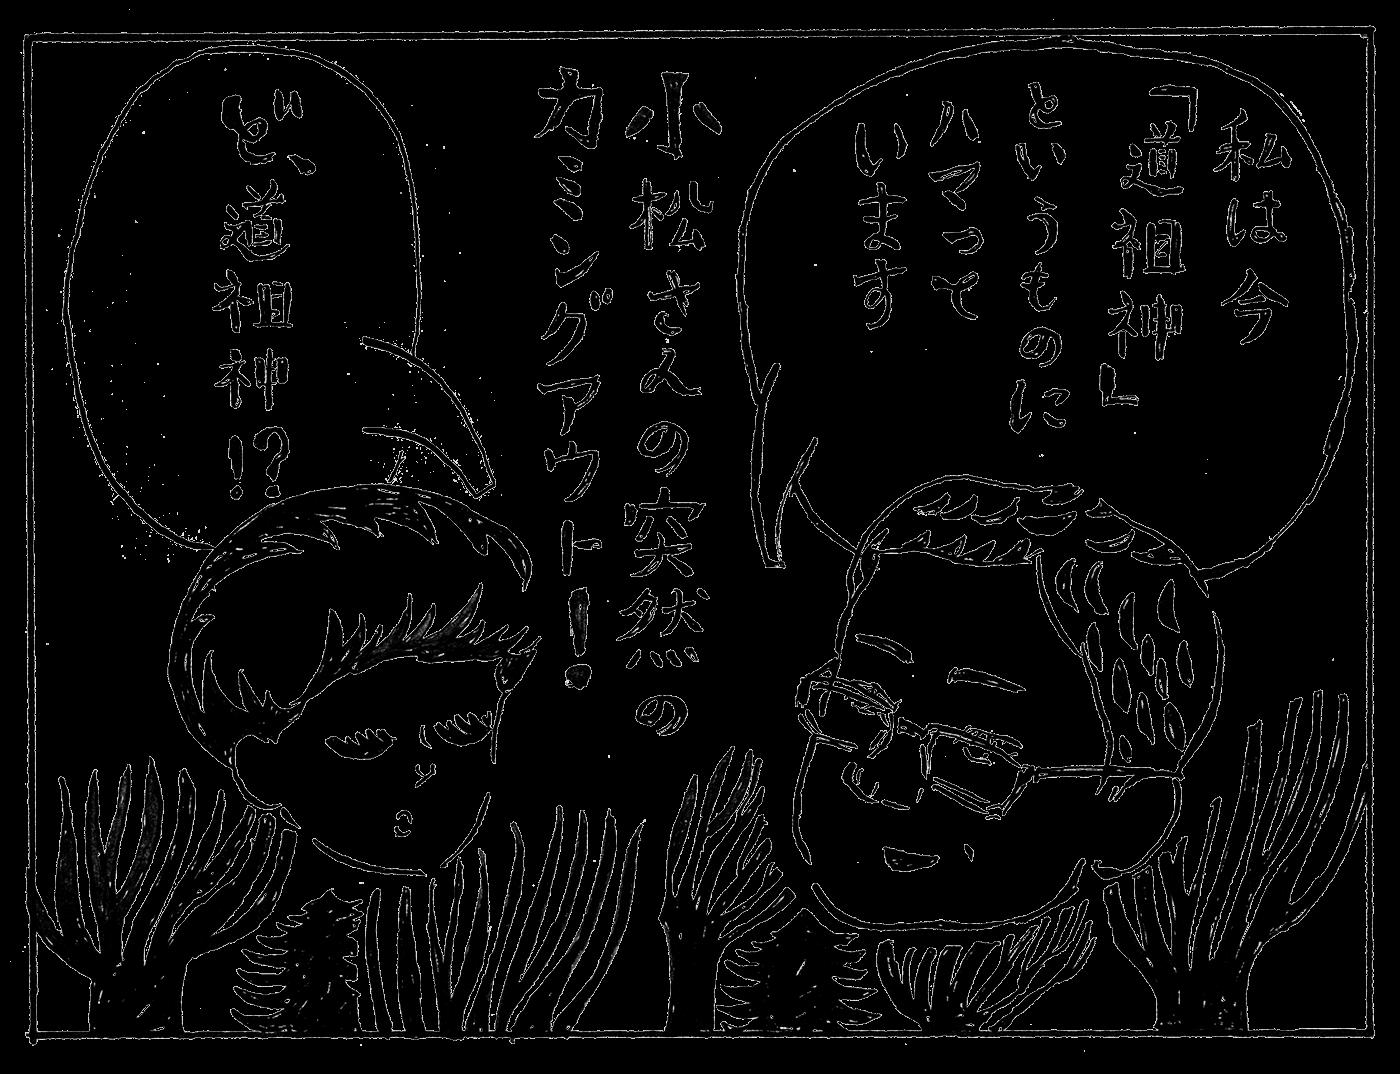 私は今「道祖神」というものにハマってます。小松さんの突然のカミングアウト!ど、道祖神!?